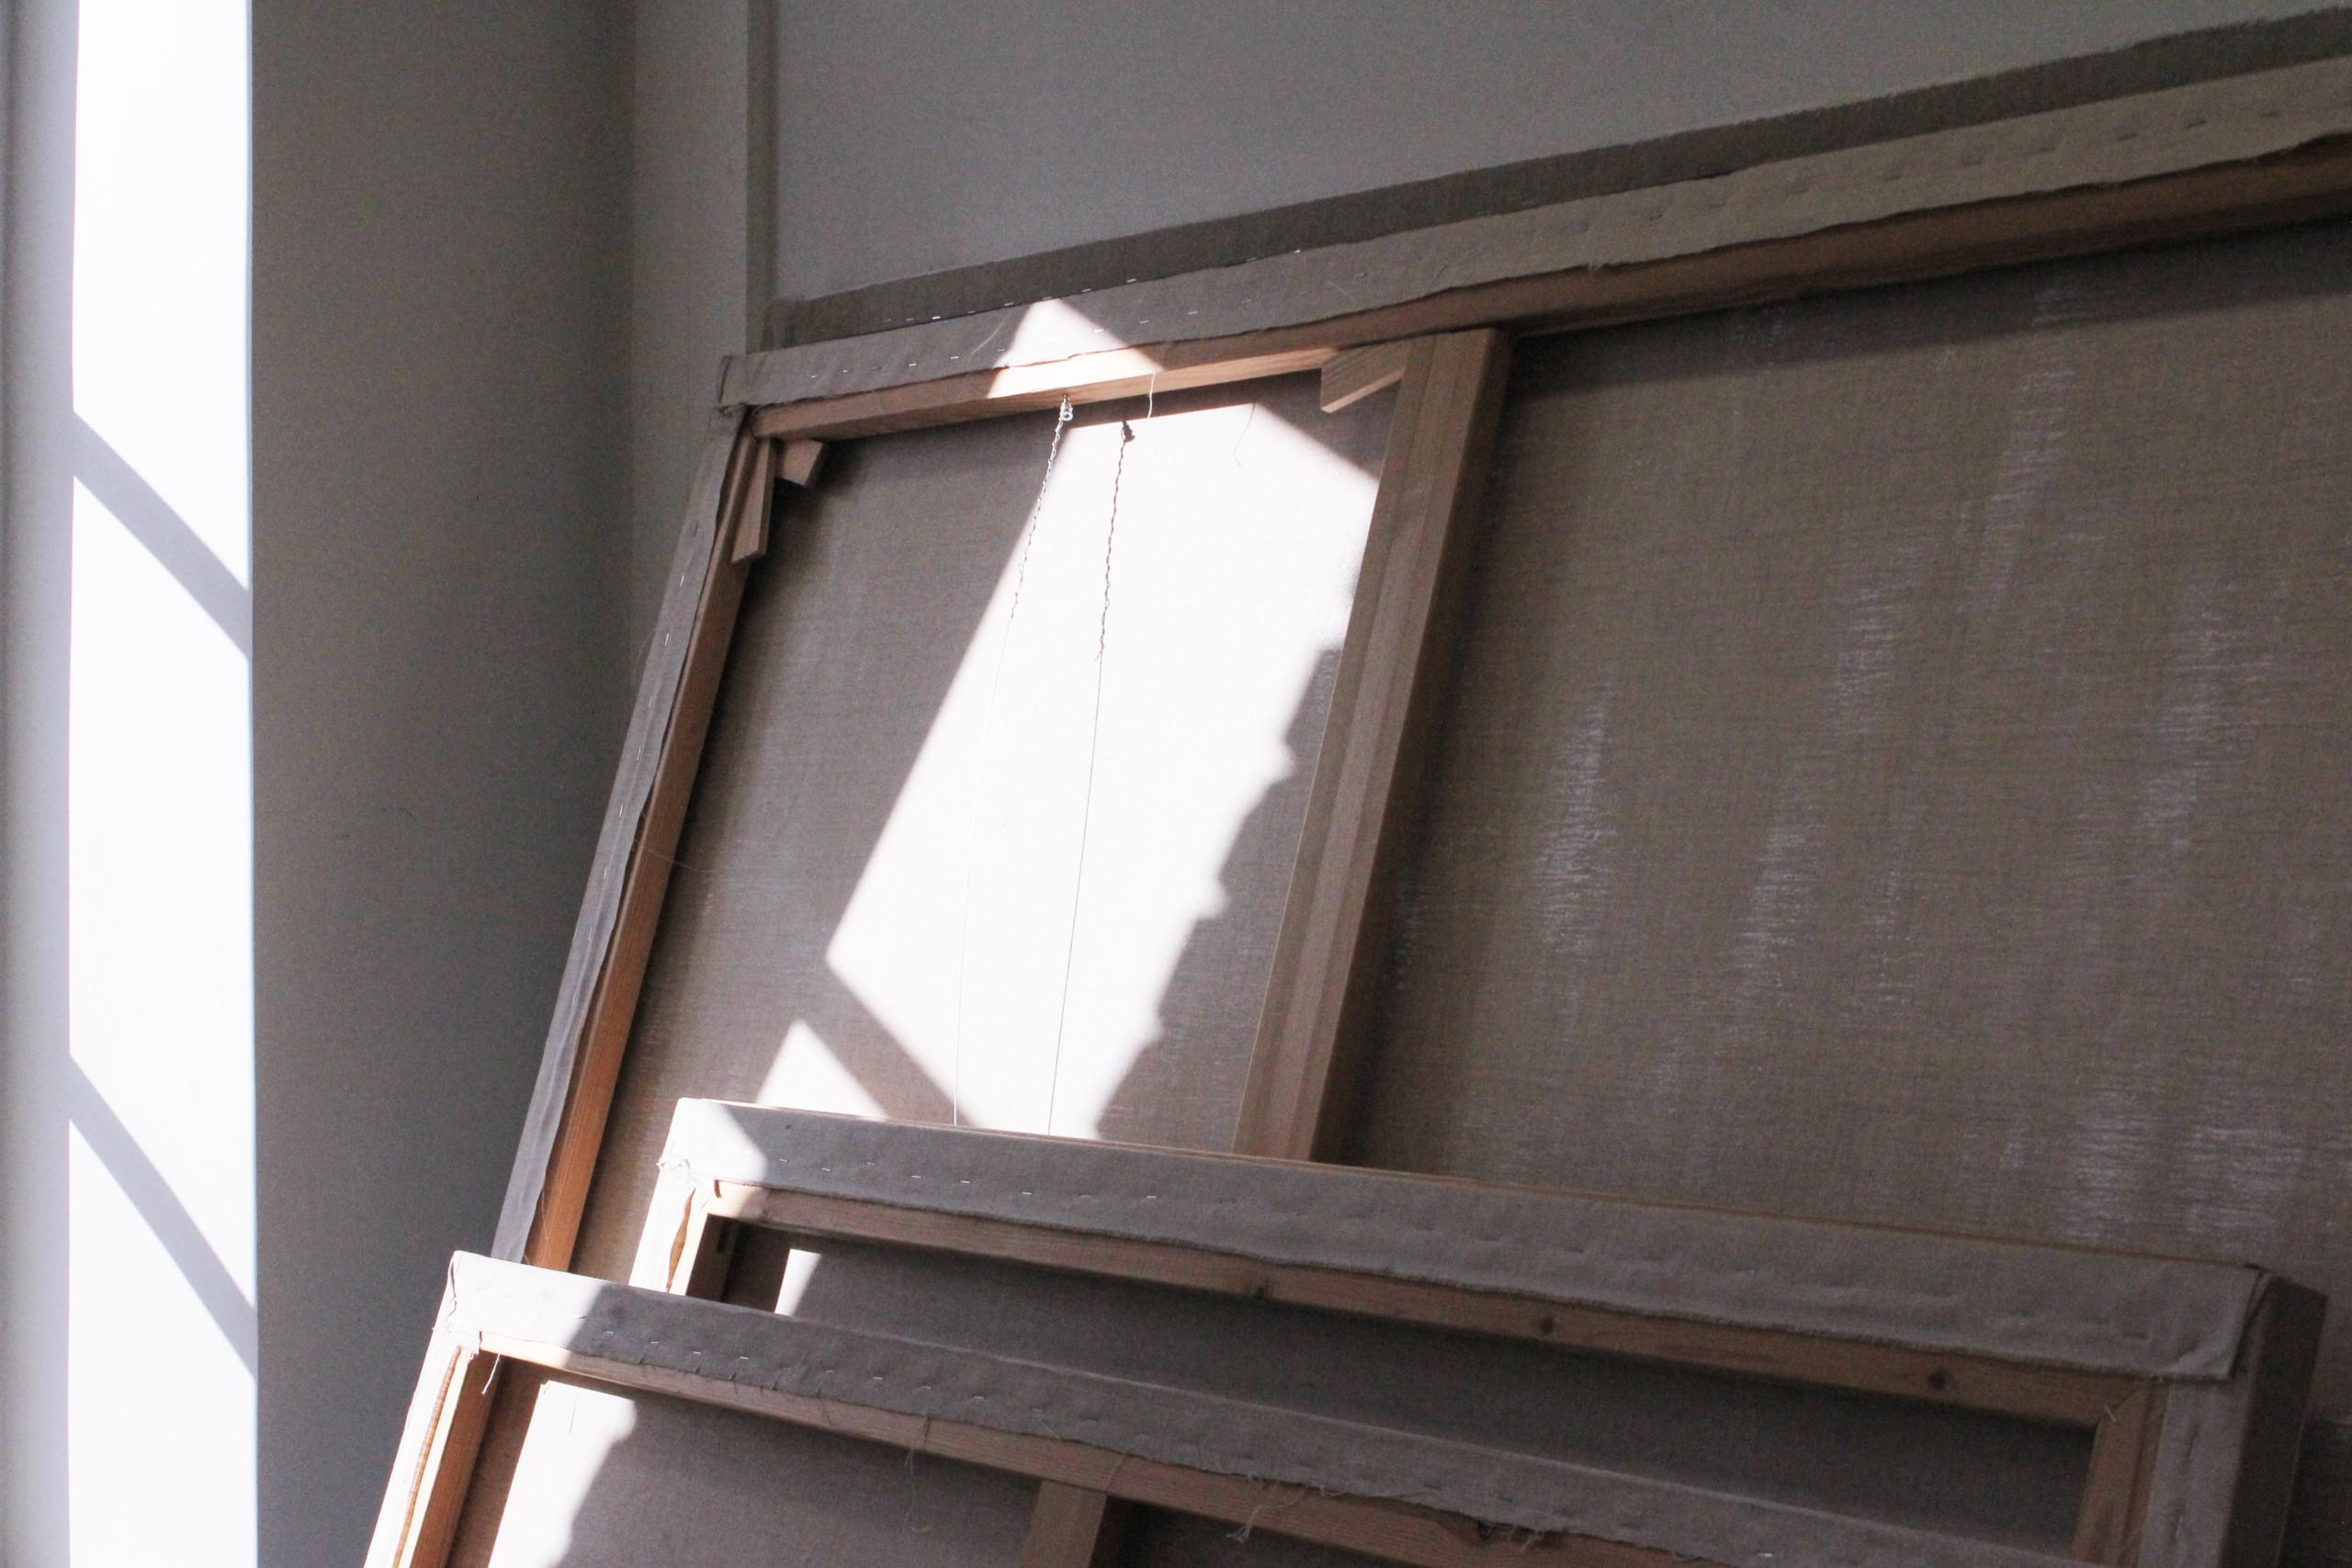 kangas kehykseen pingoitettuna taiteilijan tyohuoneella. Auringonvalo tulee ikkunasta.